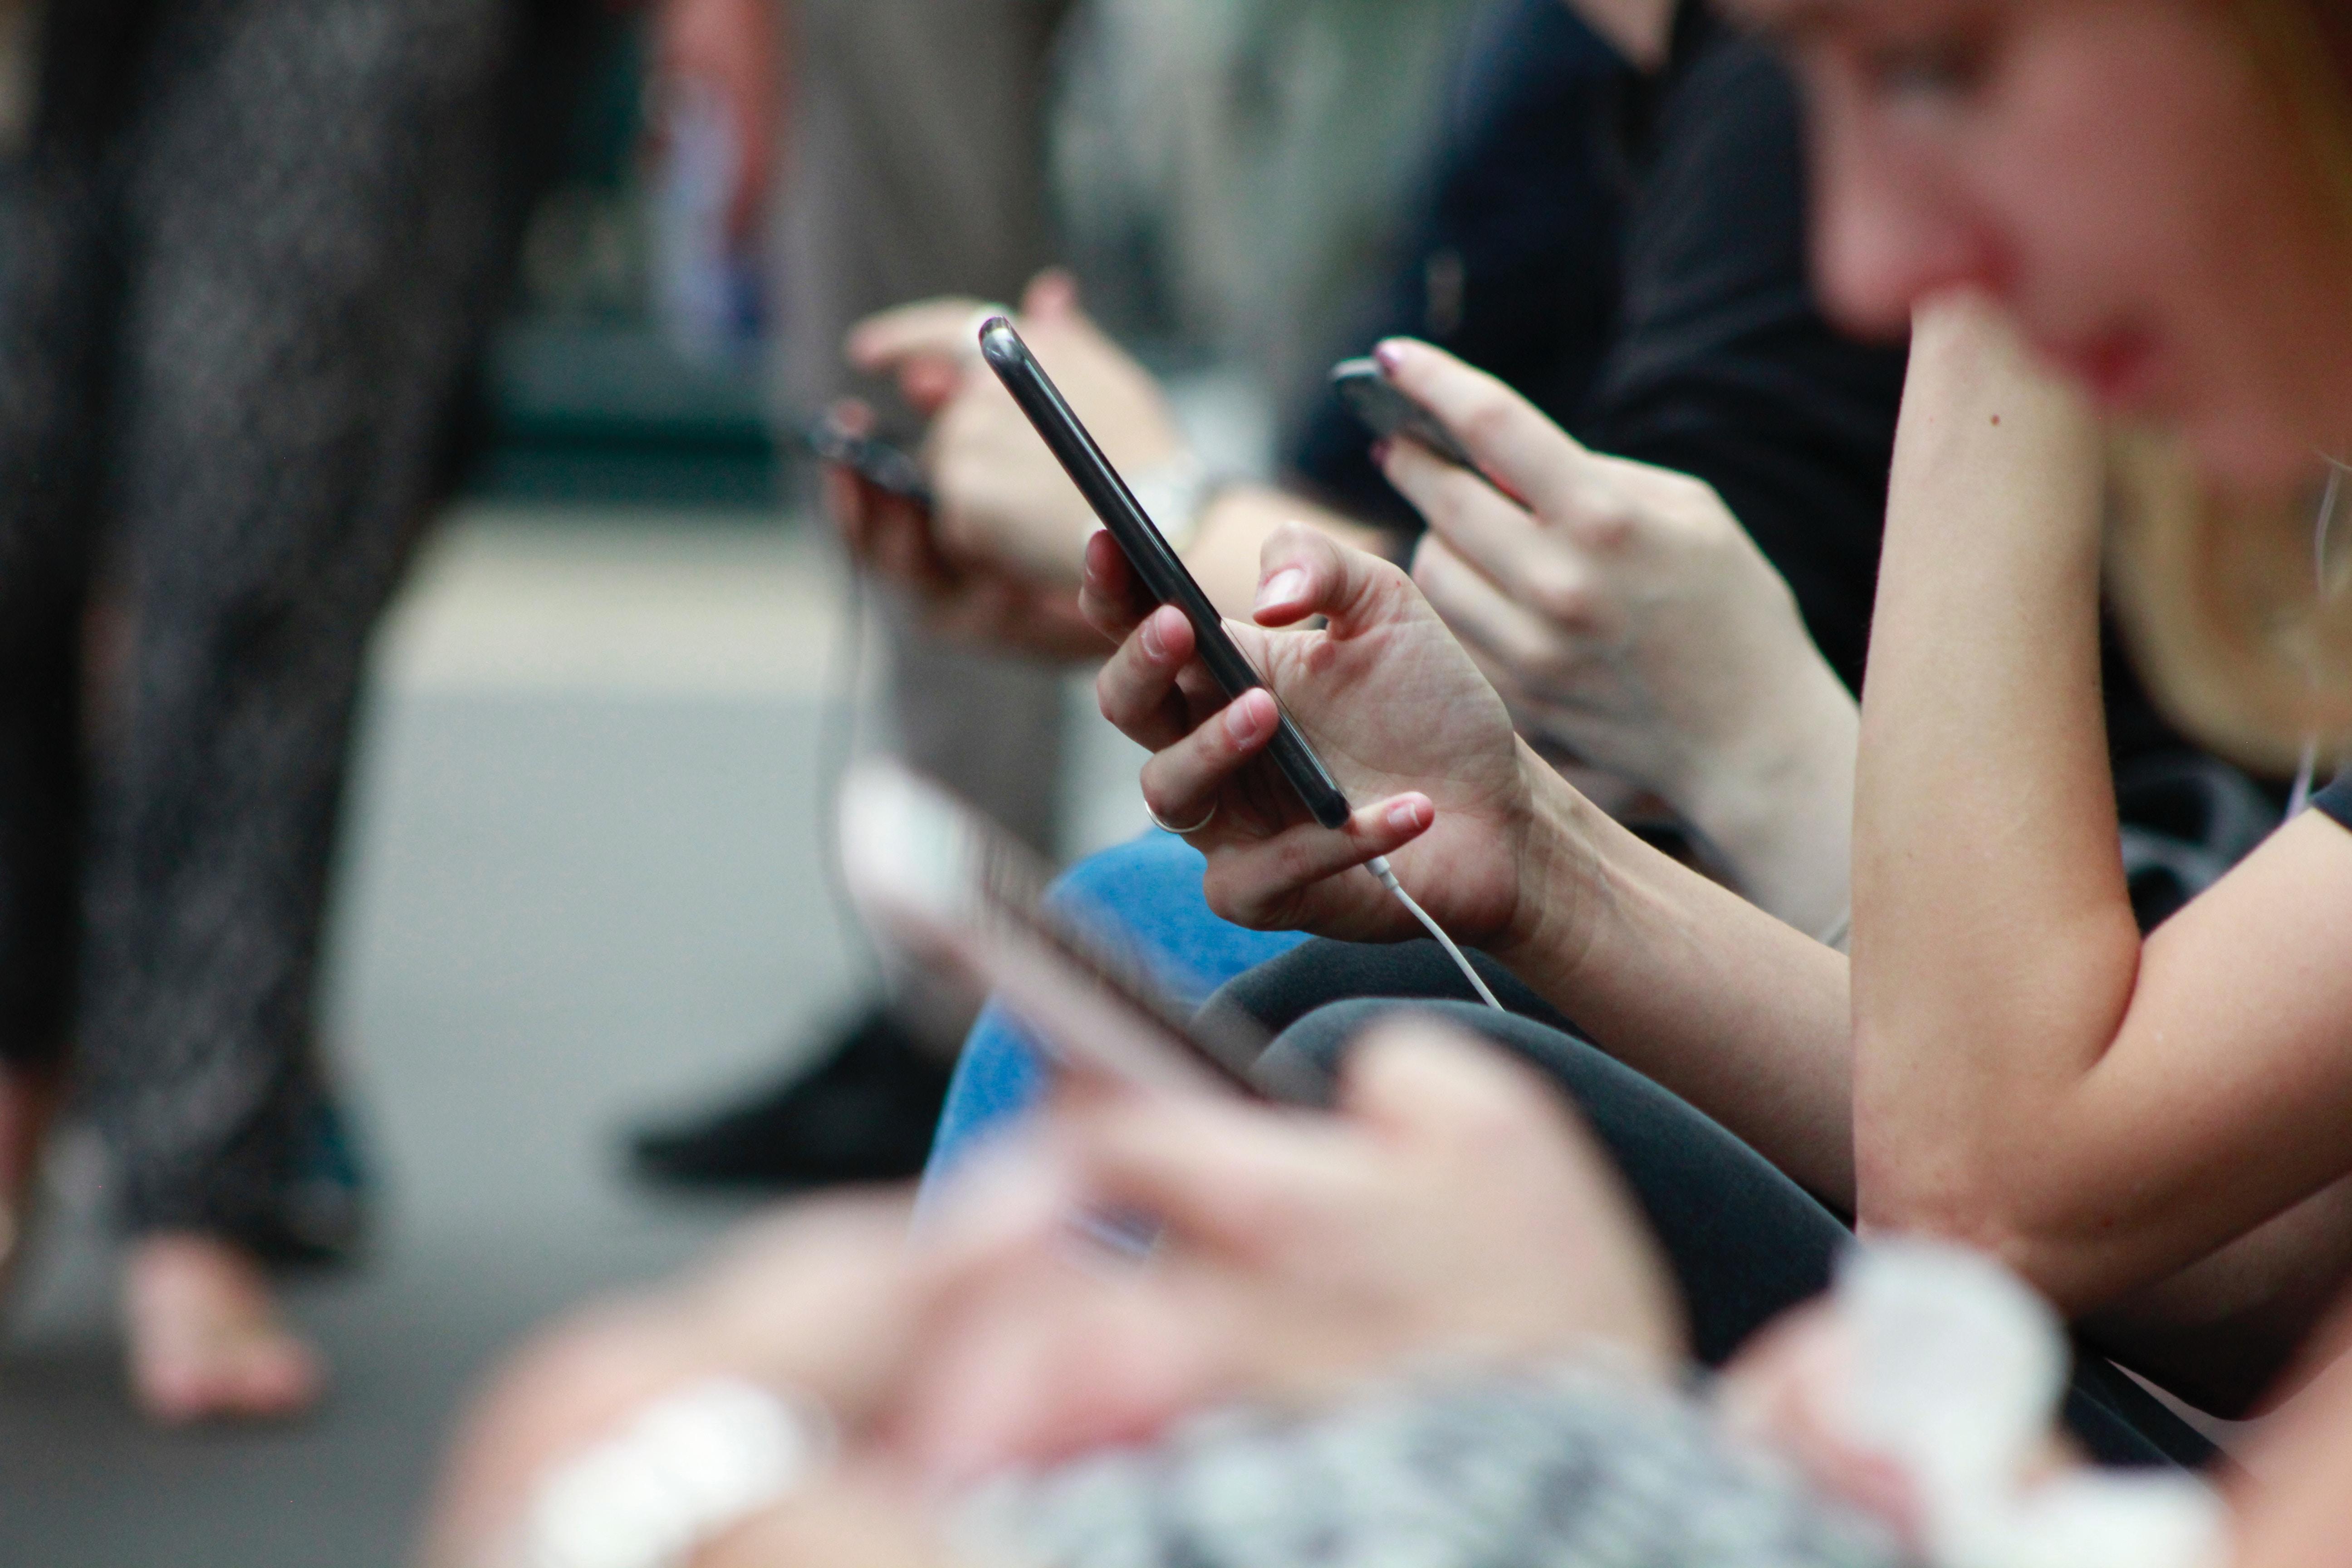 Flere personer sidder og kigger i deres telefoner